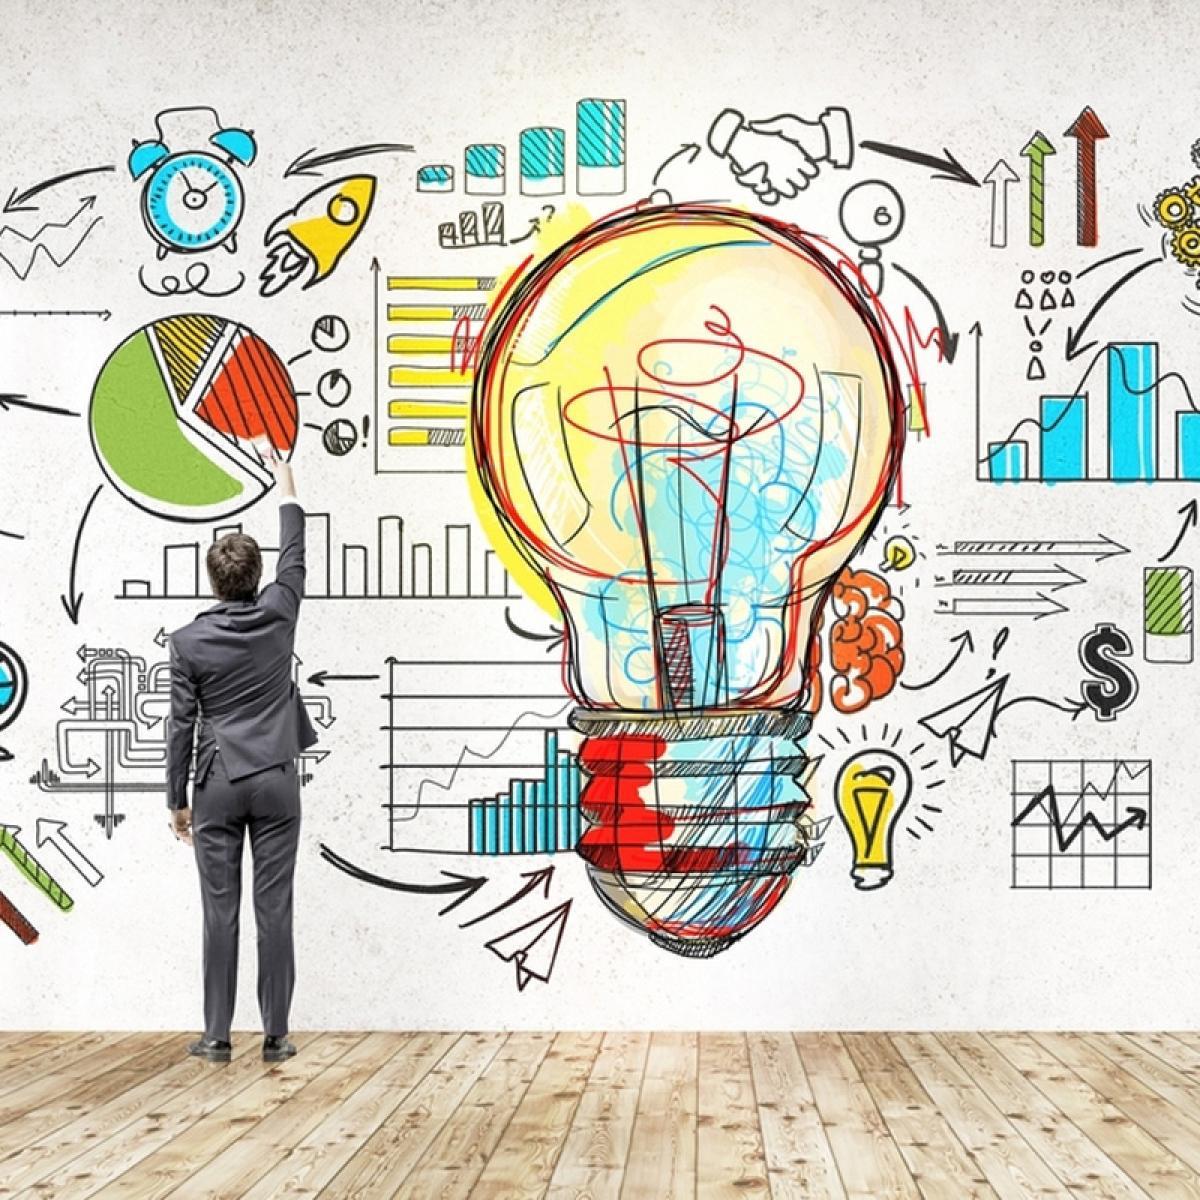 Imagens: 4 Dicas de Marketing Para Micro e Pequenas Empresas